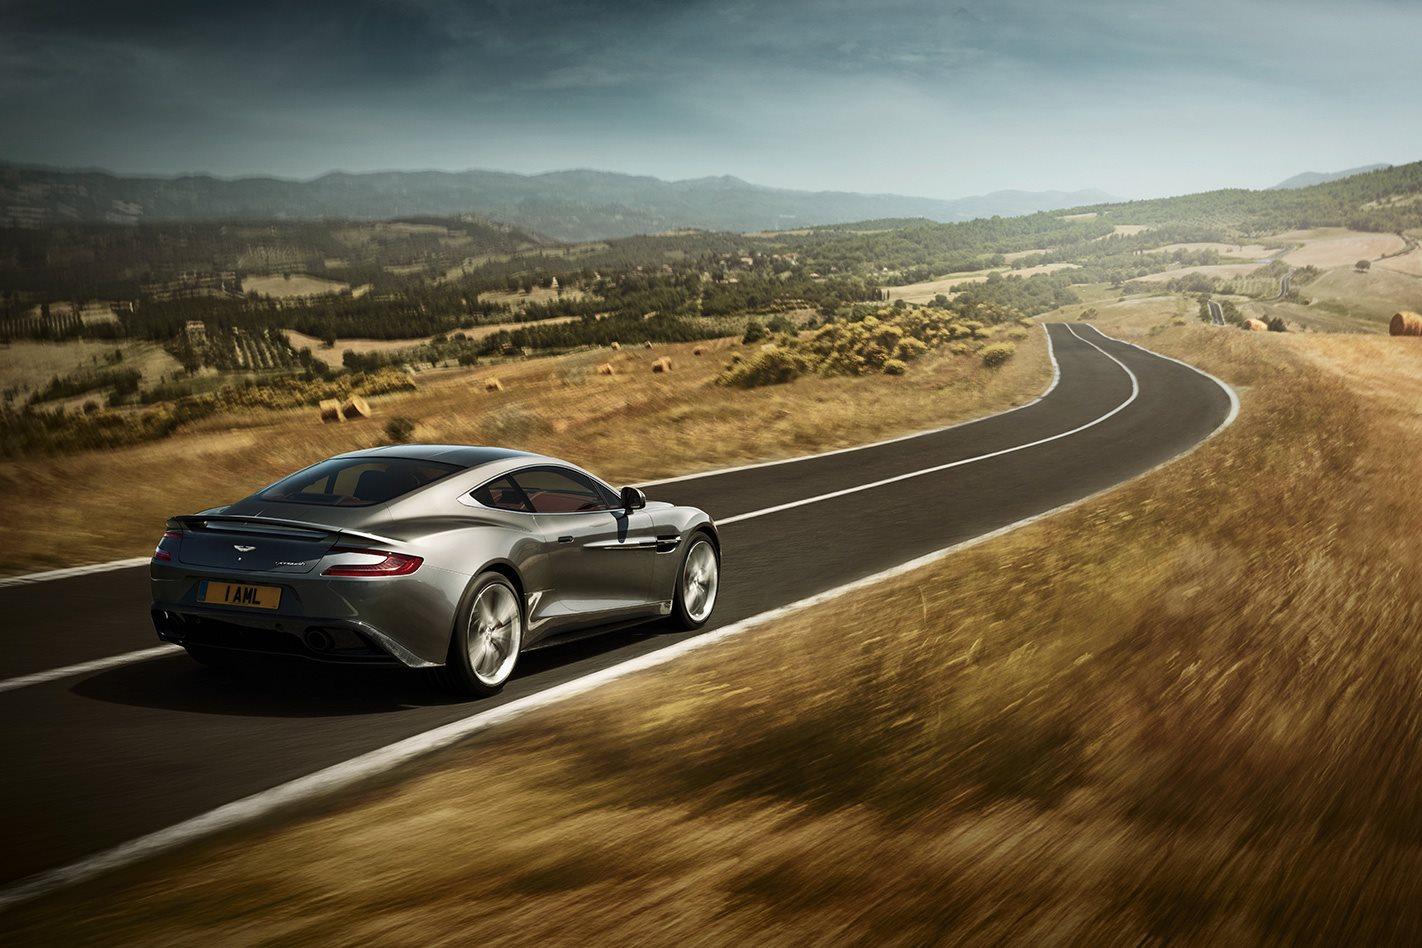 2012-Aston-Martin-Vanquish-rear.jpg